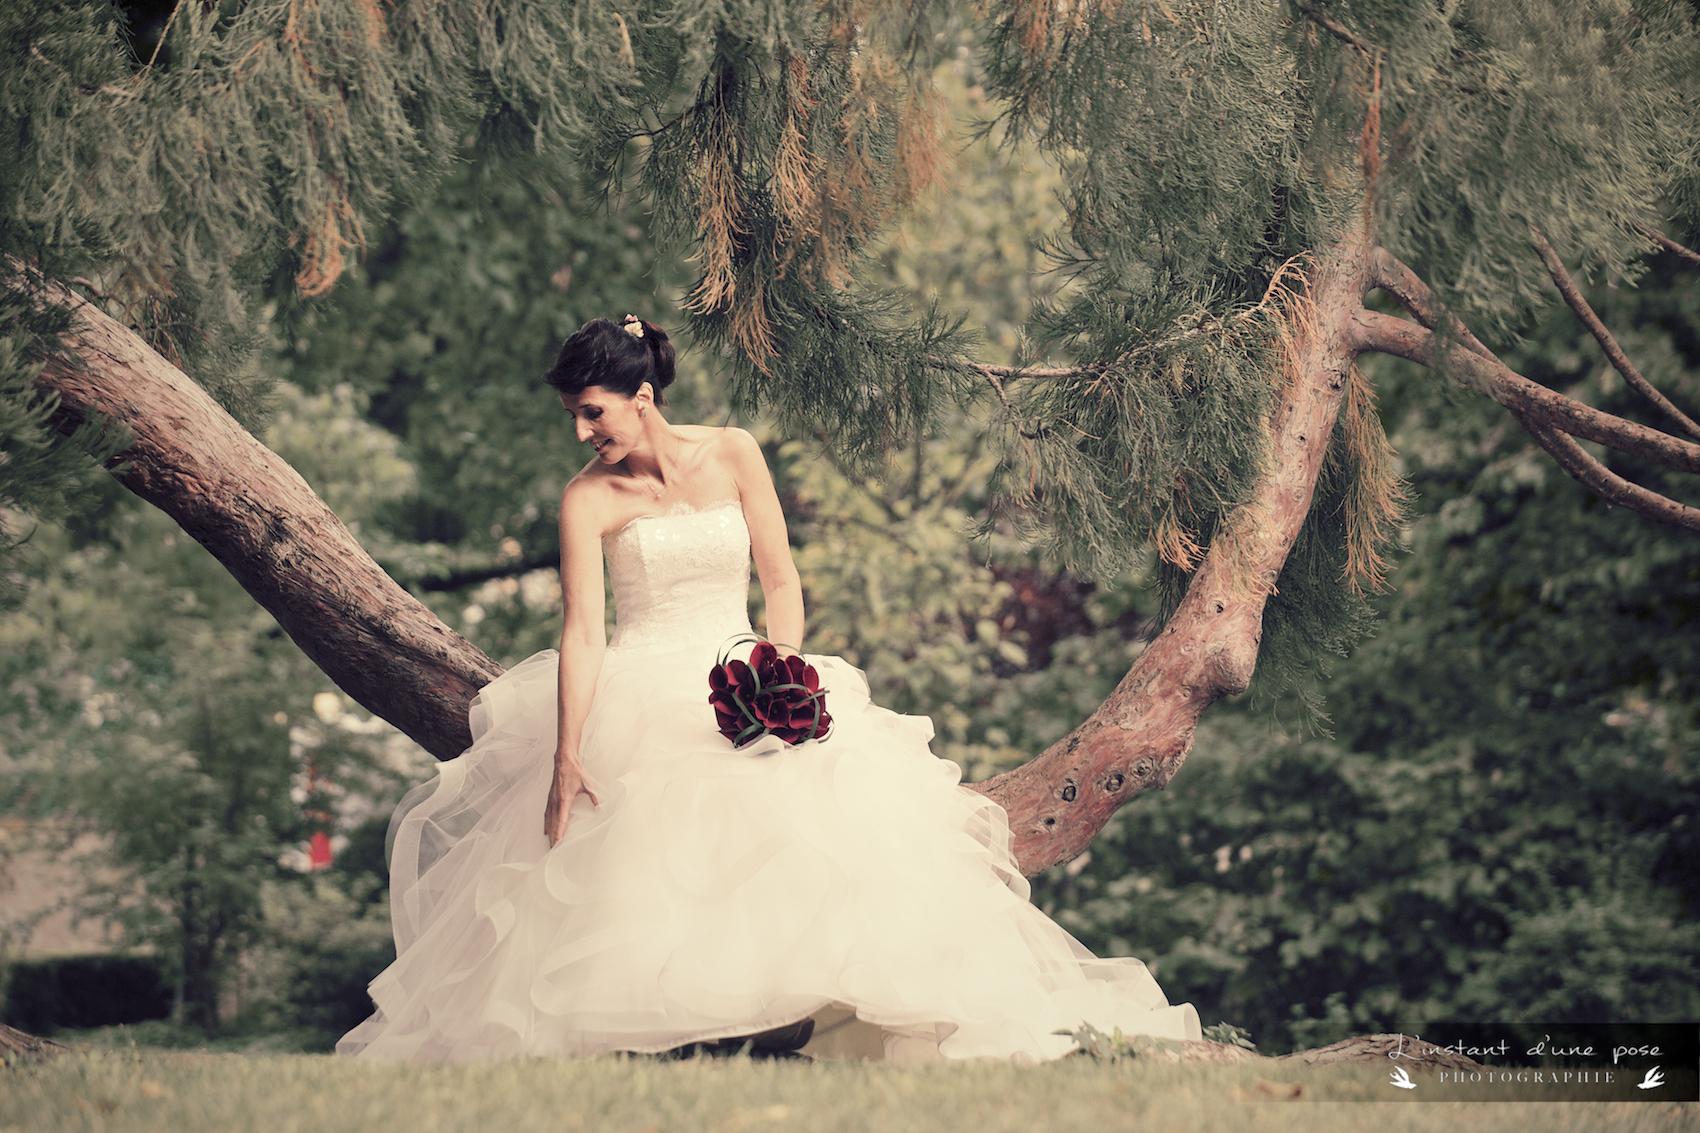 A&N_les mariés 215